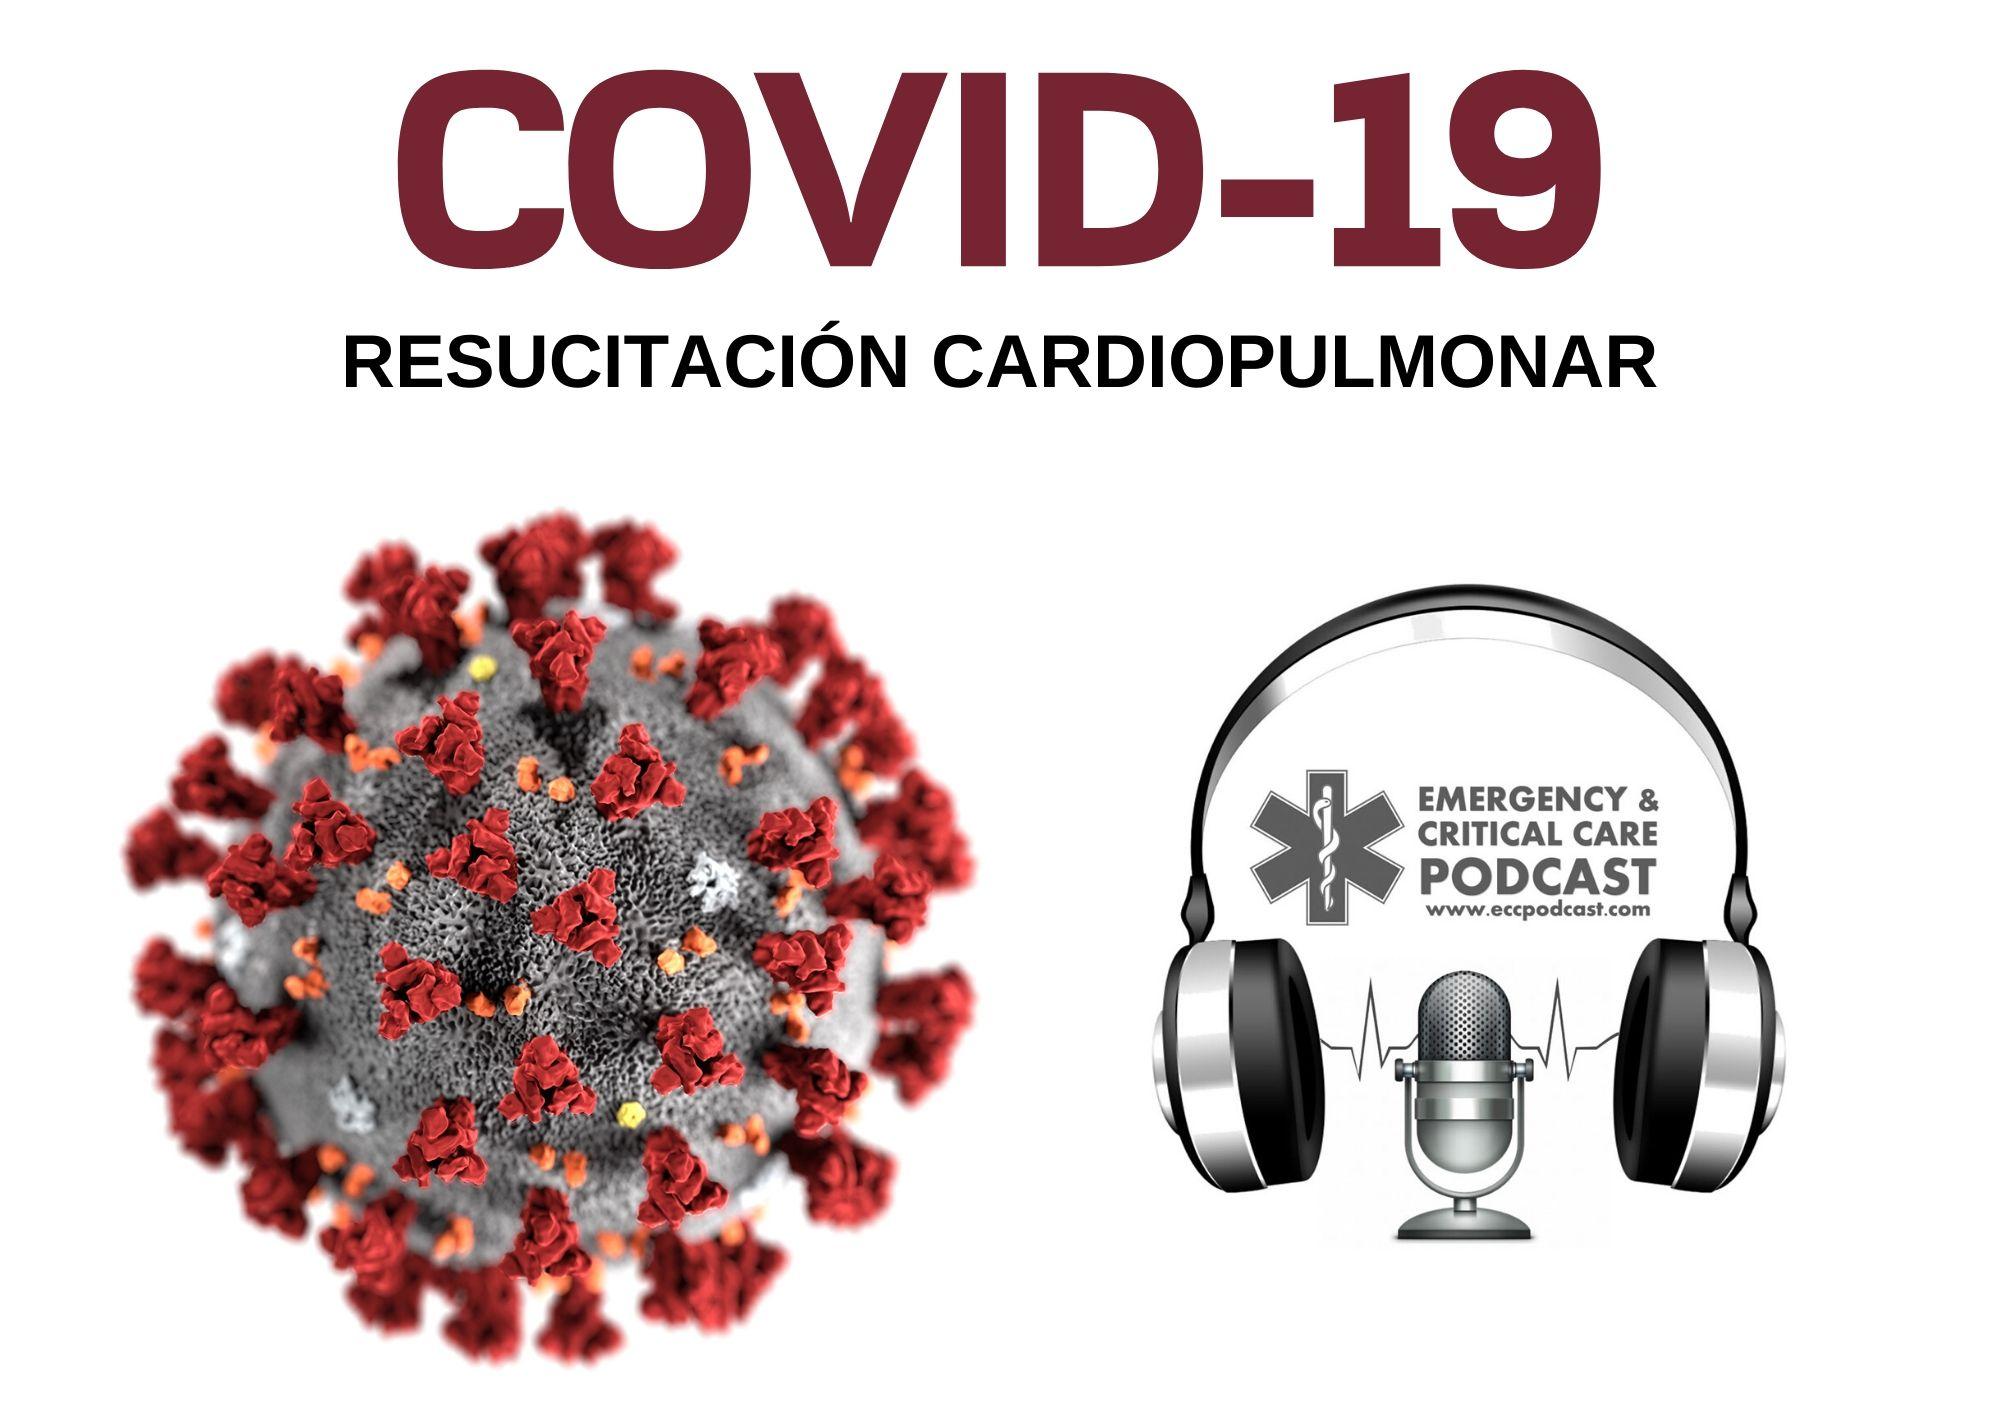 covid19 CPR